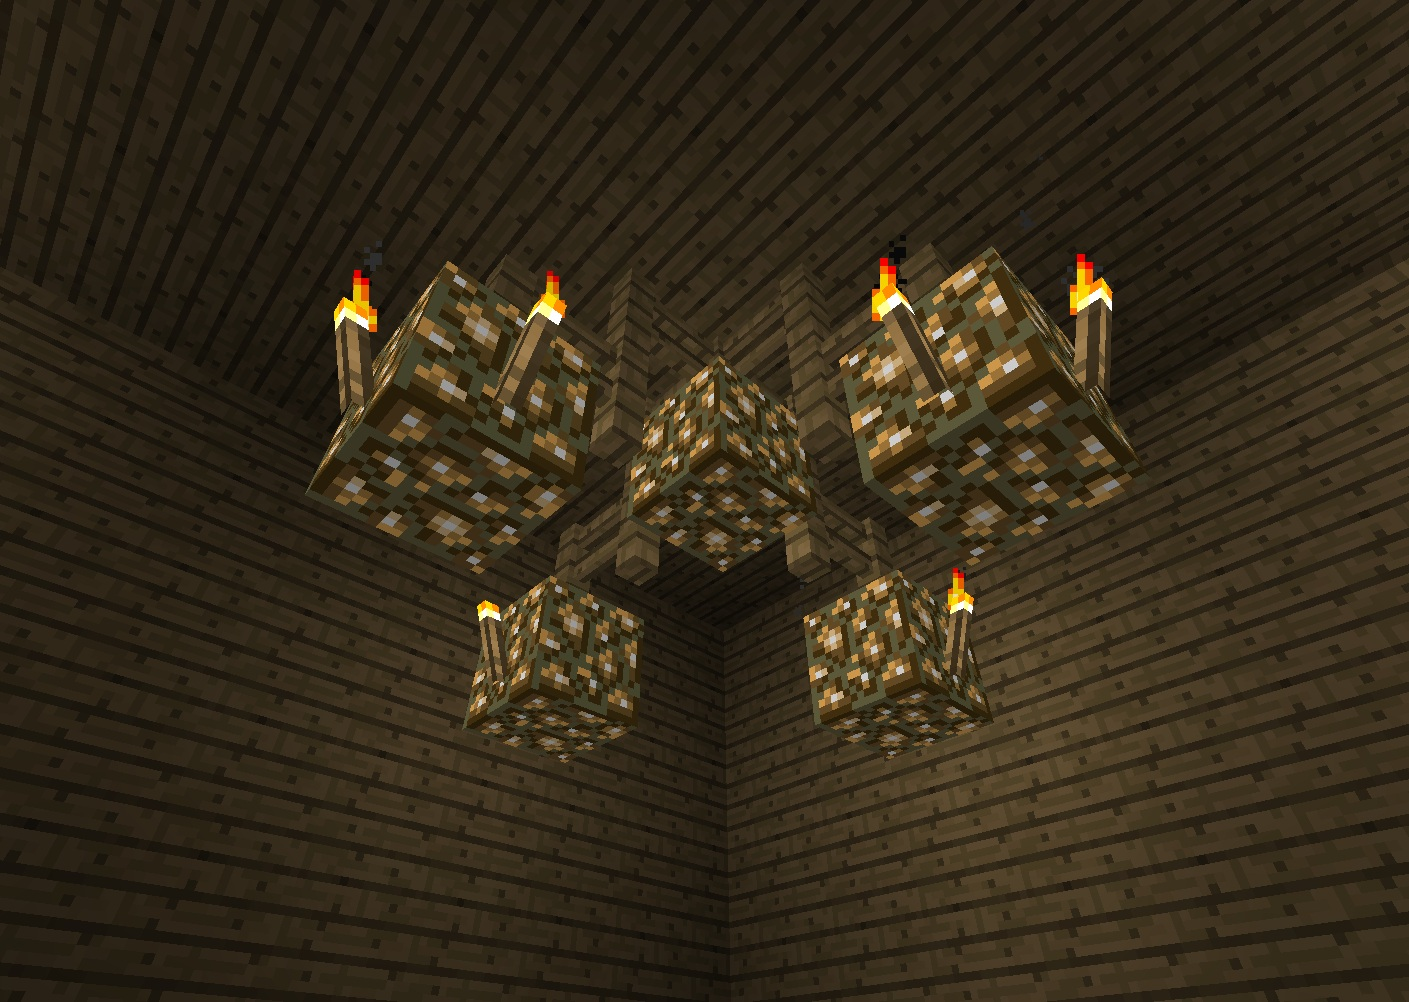 Lighting Minecraftdesign Wiki Fandom, How Do You Make A Chandelier In Minecraft